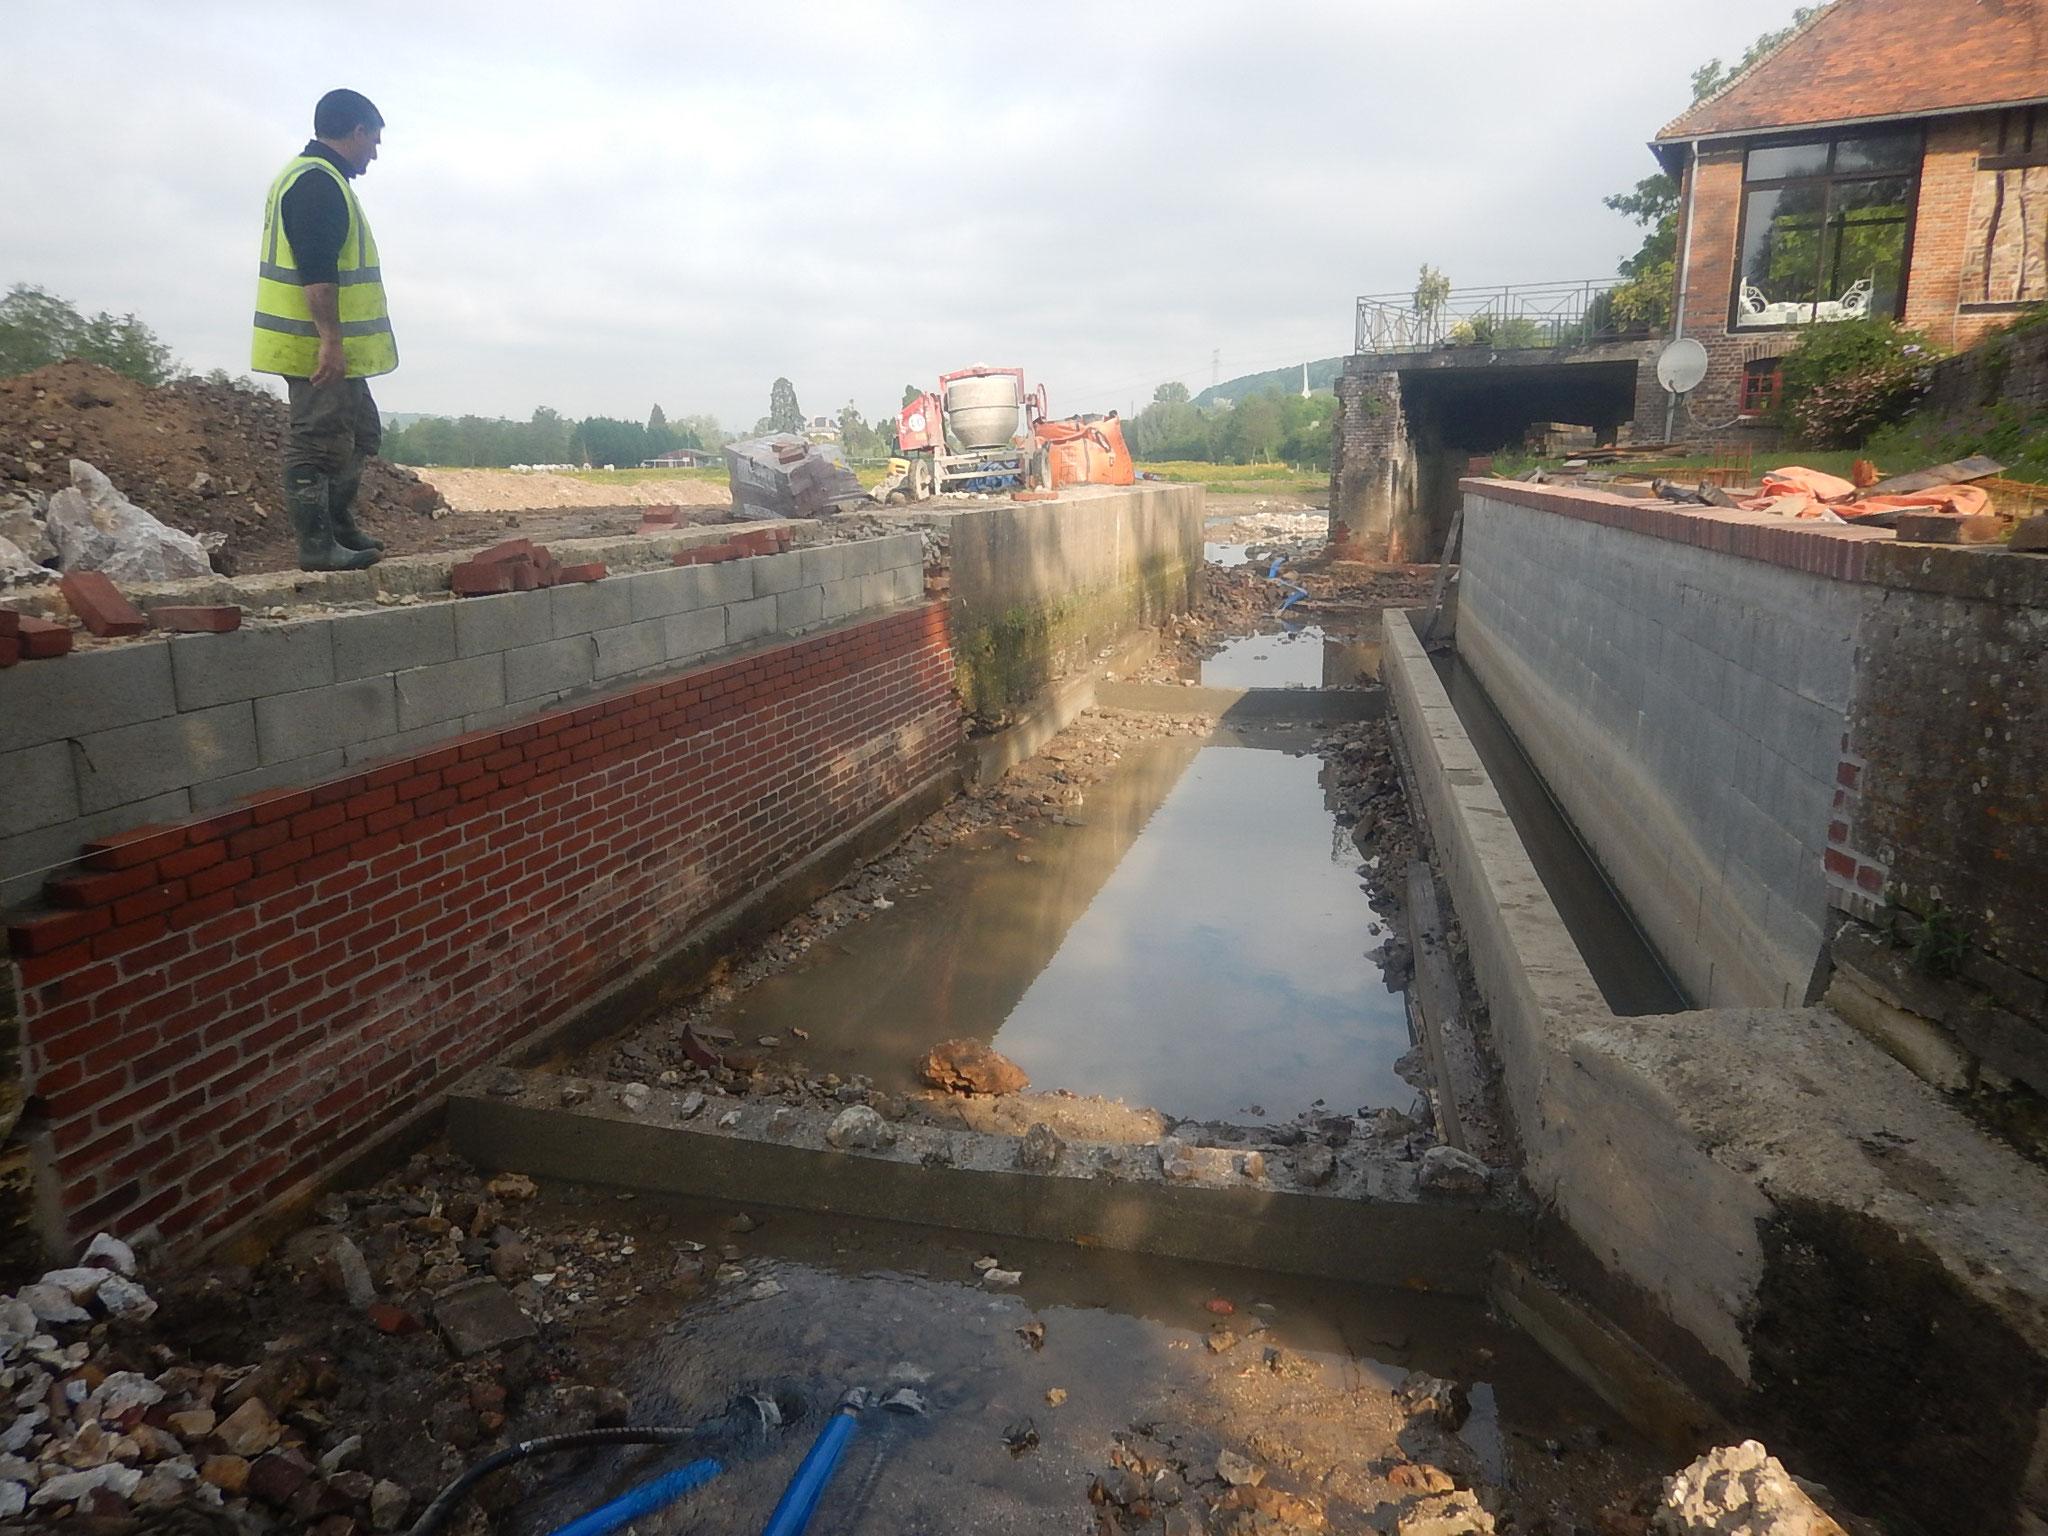 Restauration des fondations et consolidation des maçonneries.